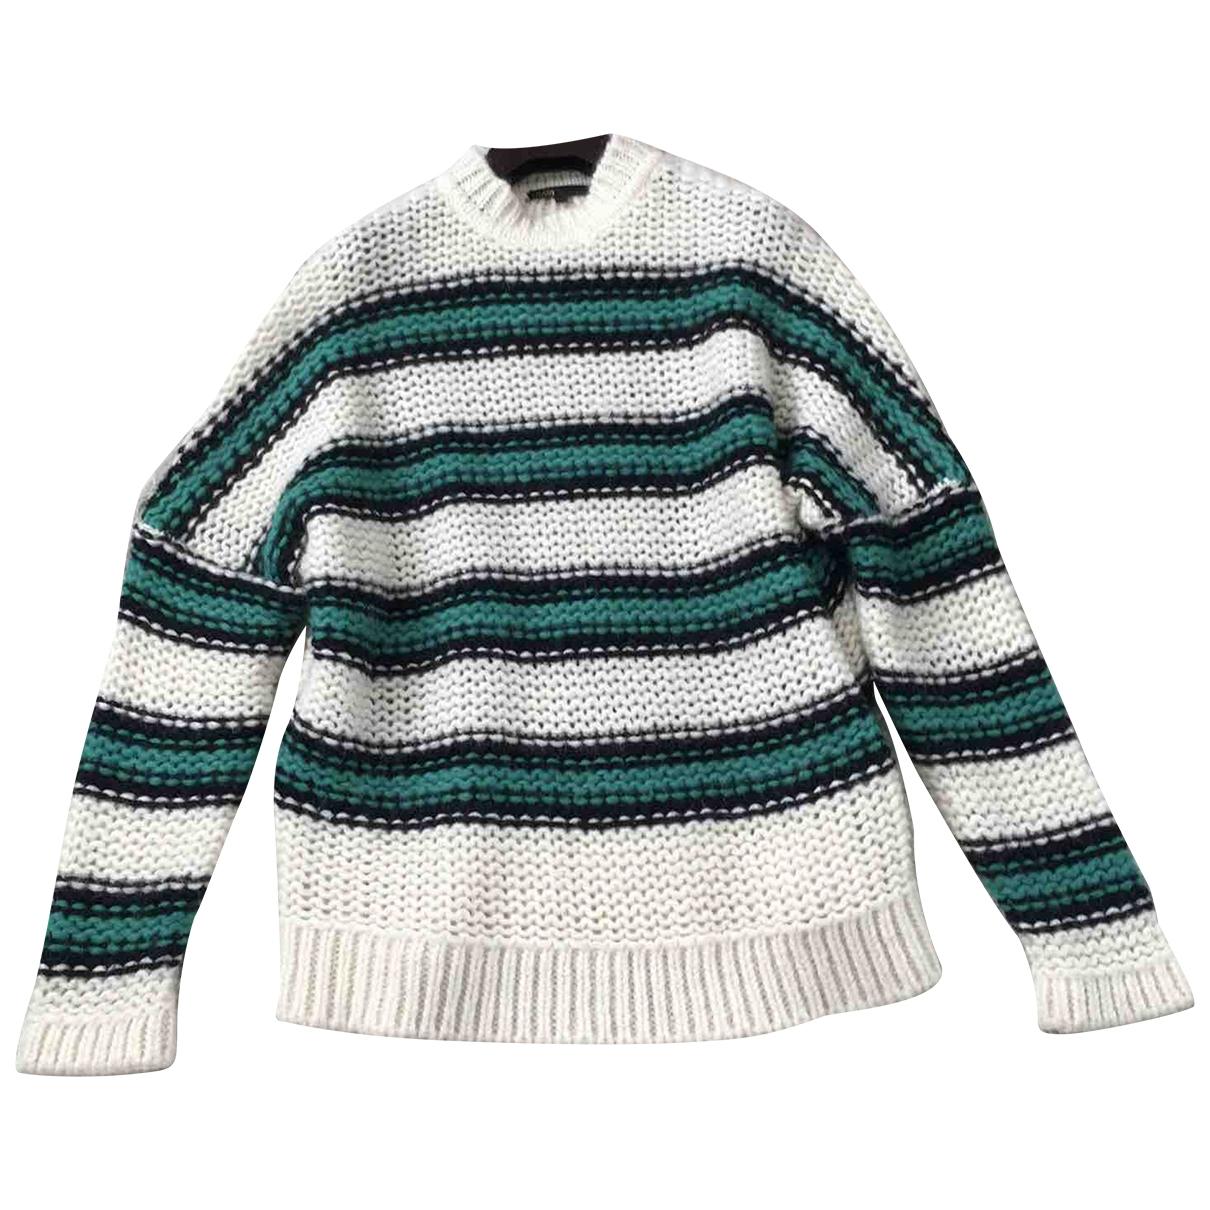 Maje Fall Winter 2019 Green Wool Knitwear for Women L International